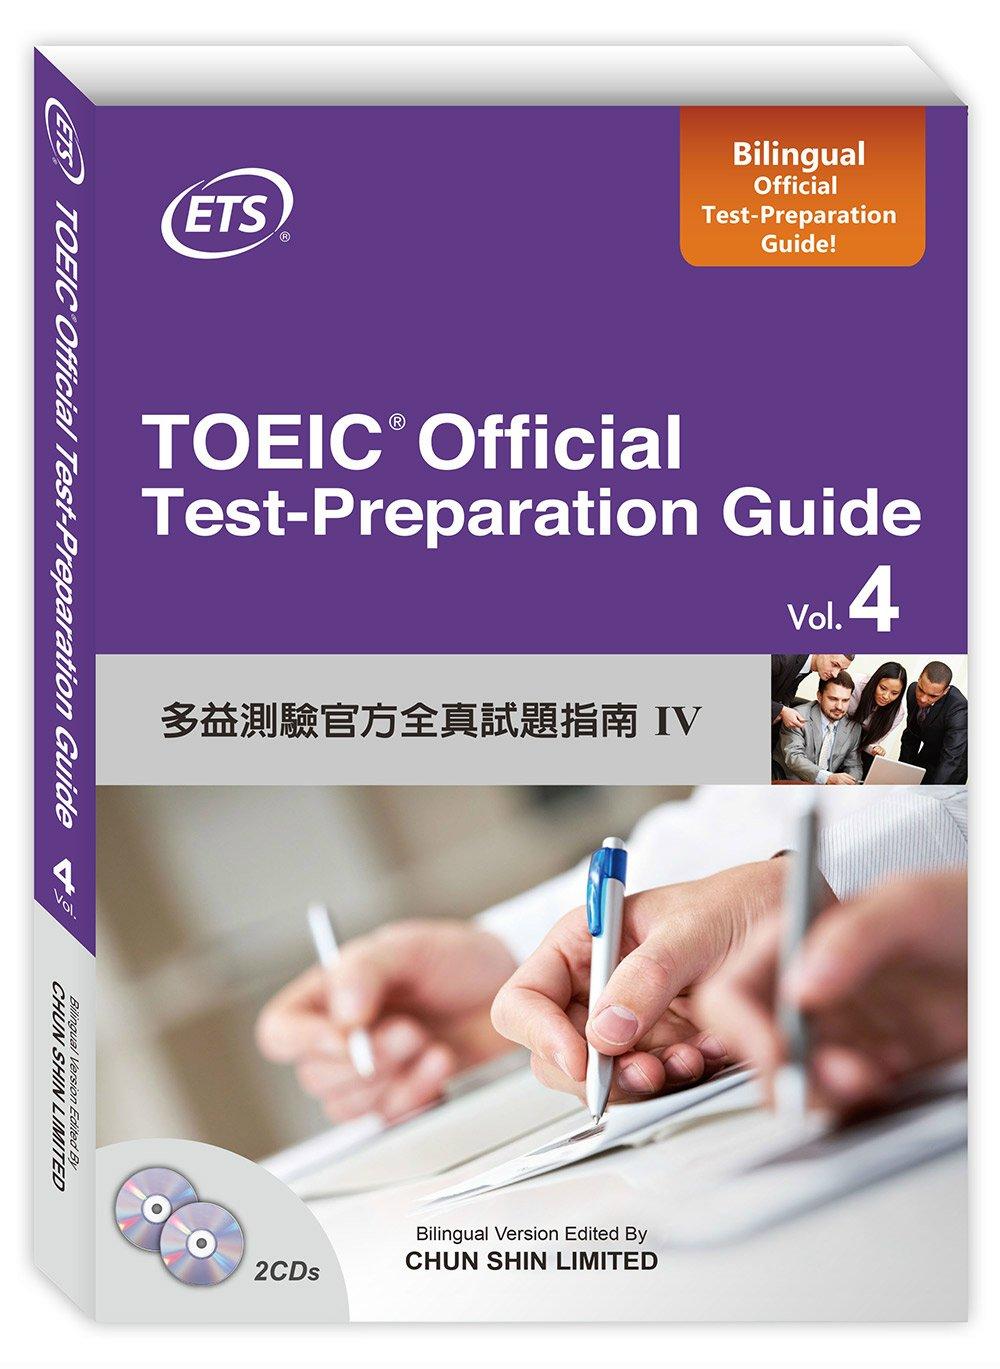 多益測驗官方全真試題指南 IV(附CD2片)